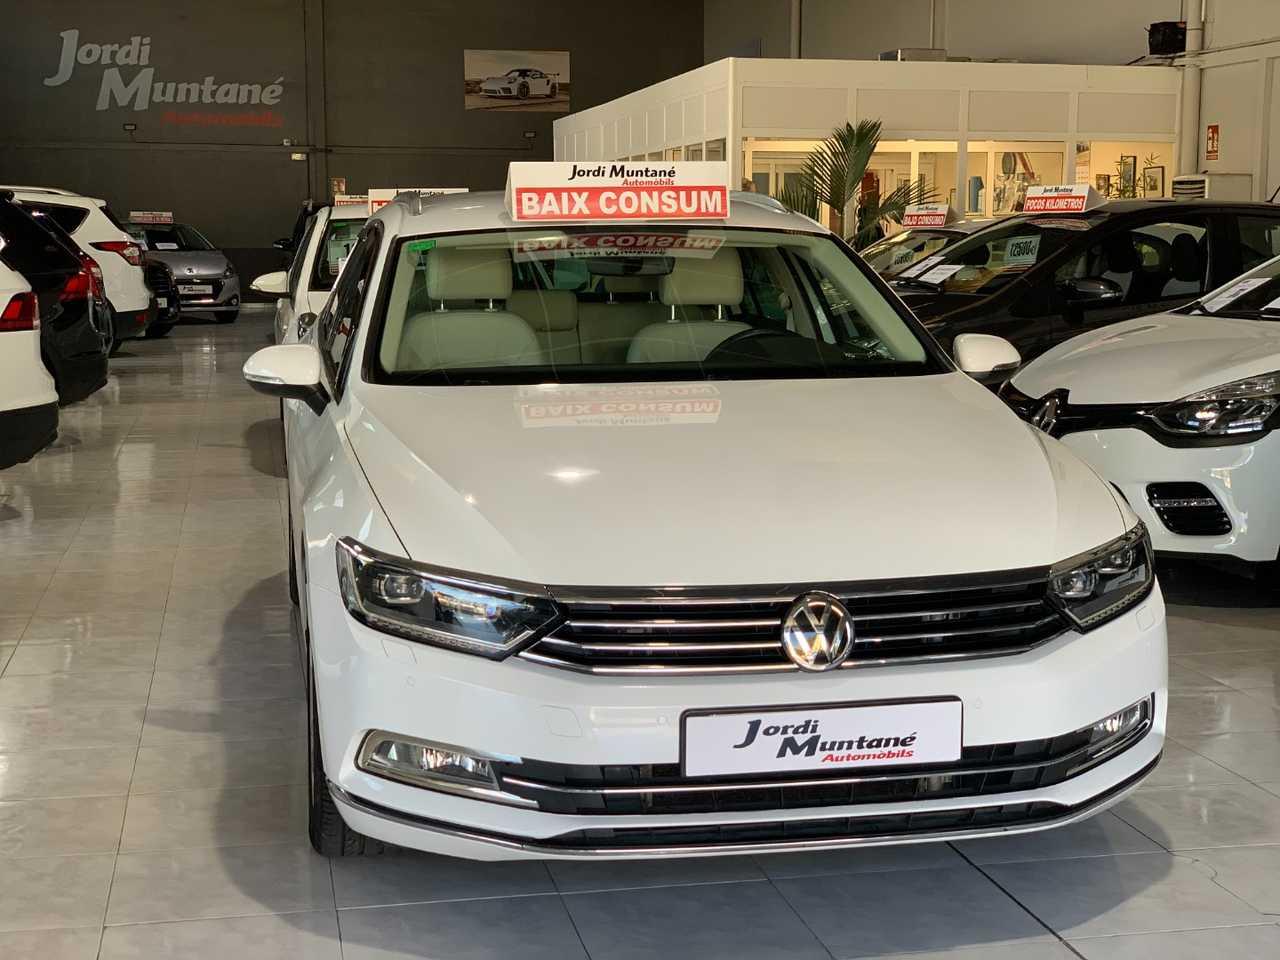 Volkswagen Passat Variant 2.0 TDI 150cv Sport BMT -. '' MUY EQUIPADO '' .-